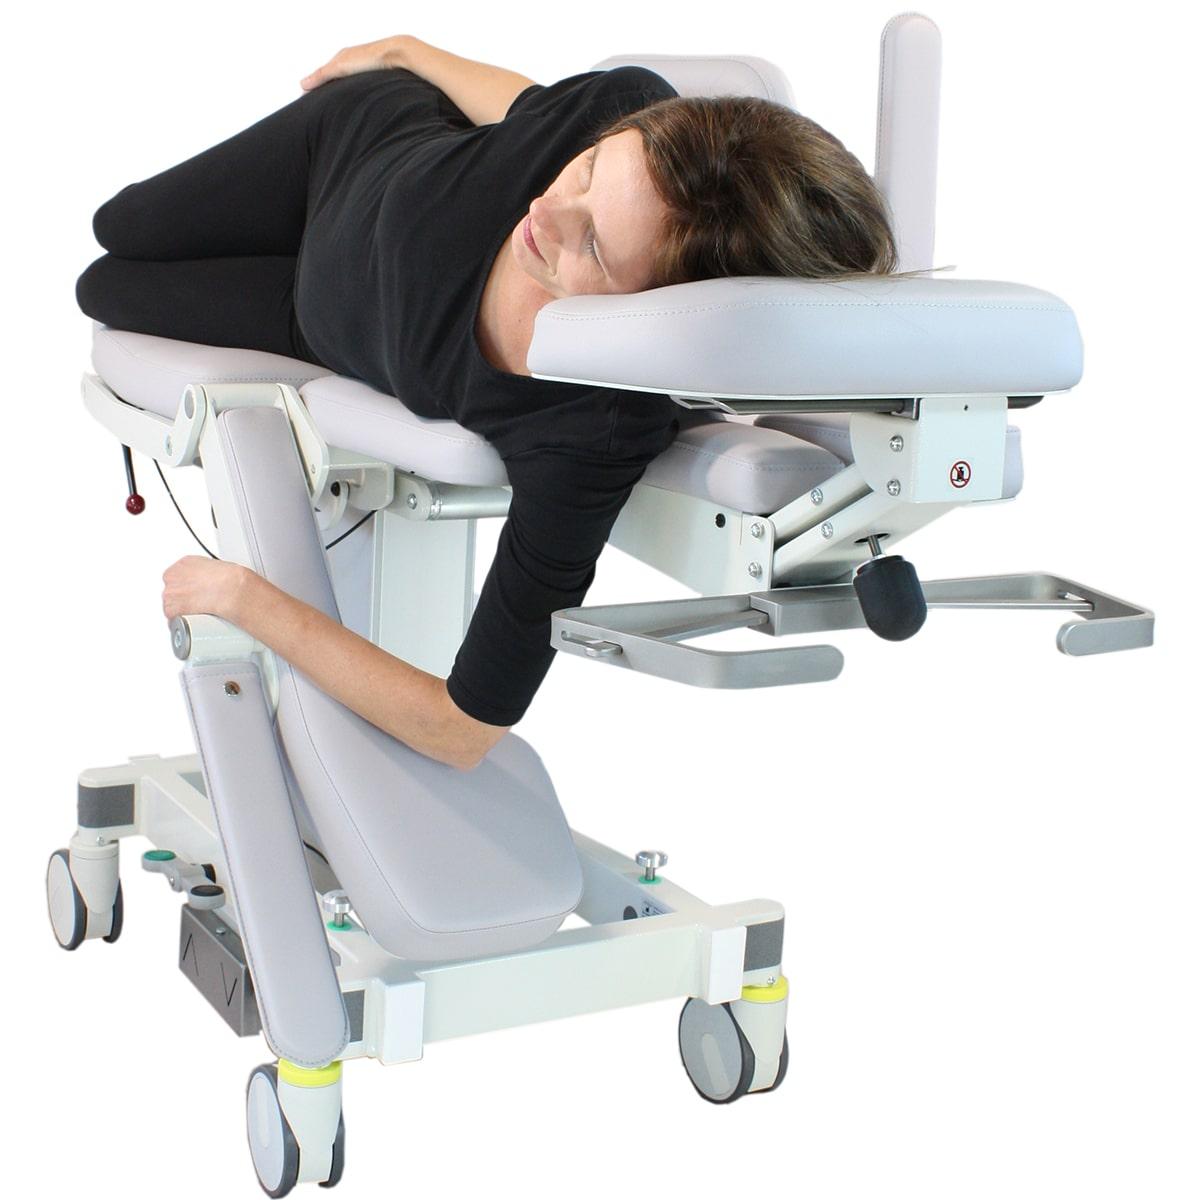 Hologic Silla Mammo Chair2 min